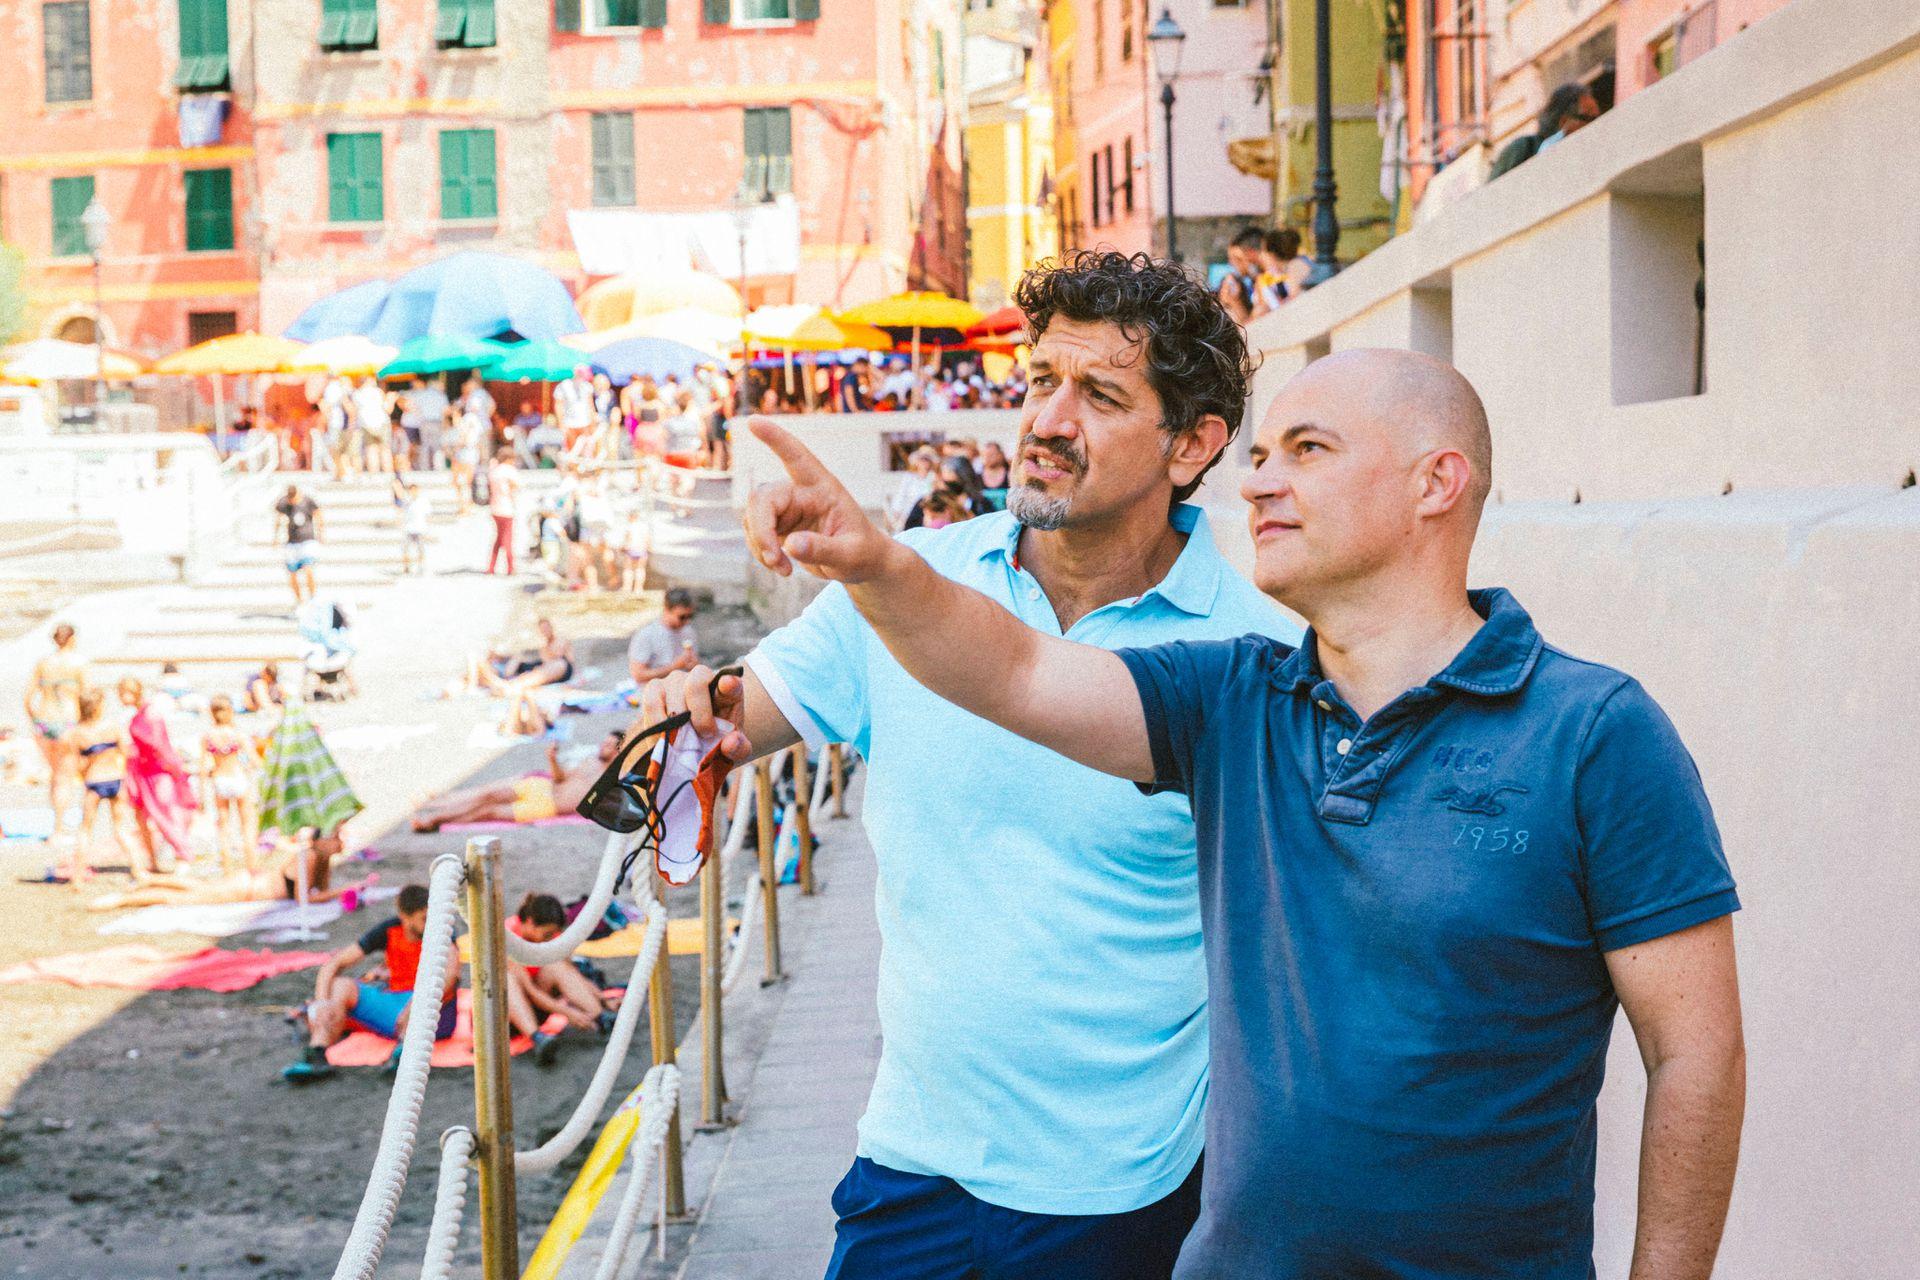 Enrico Casarosa, el director, y su equipo recorrieron localidades de Cinque Terre durante 4 años, para detectar las mejores locaciones.